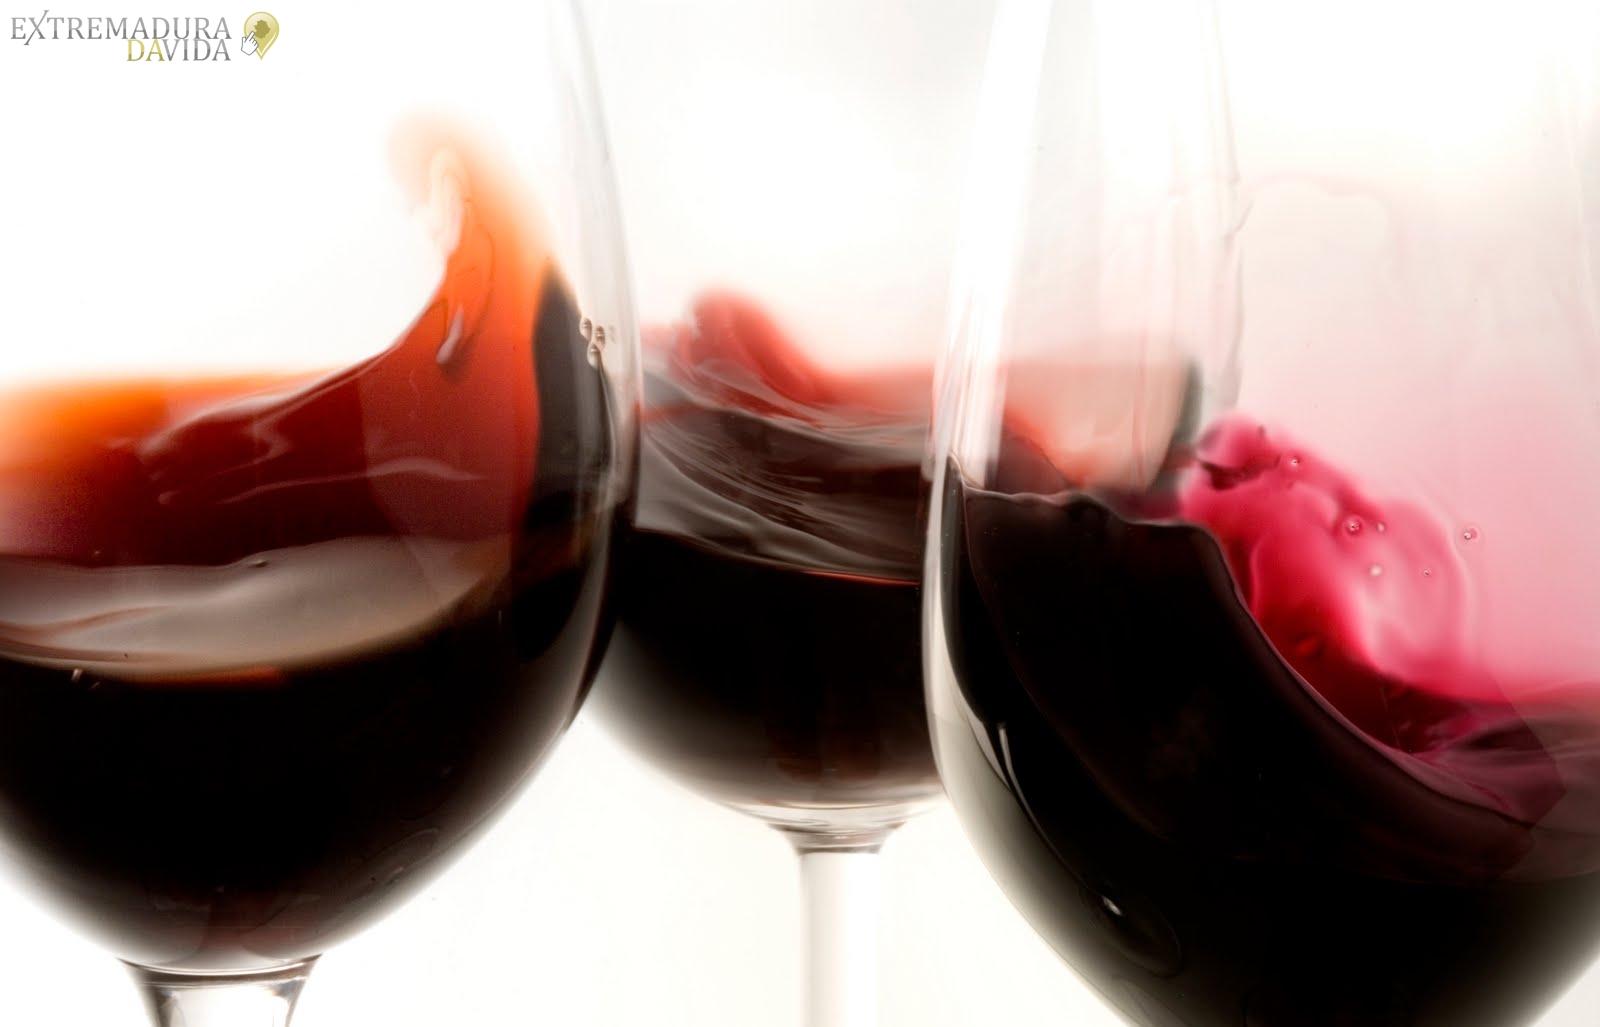 Vinoteca pruductos gourmet Navalmoral de la Mata Francisney Uribe (9)